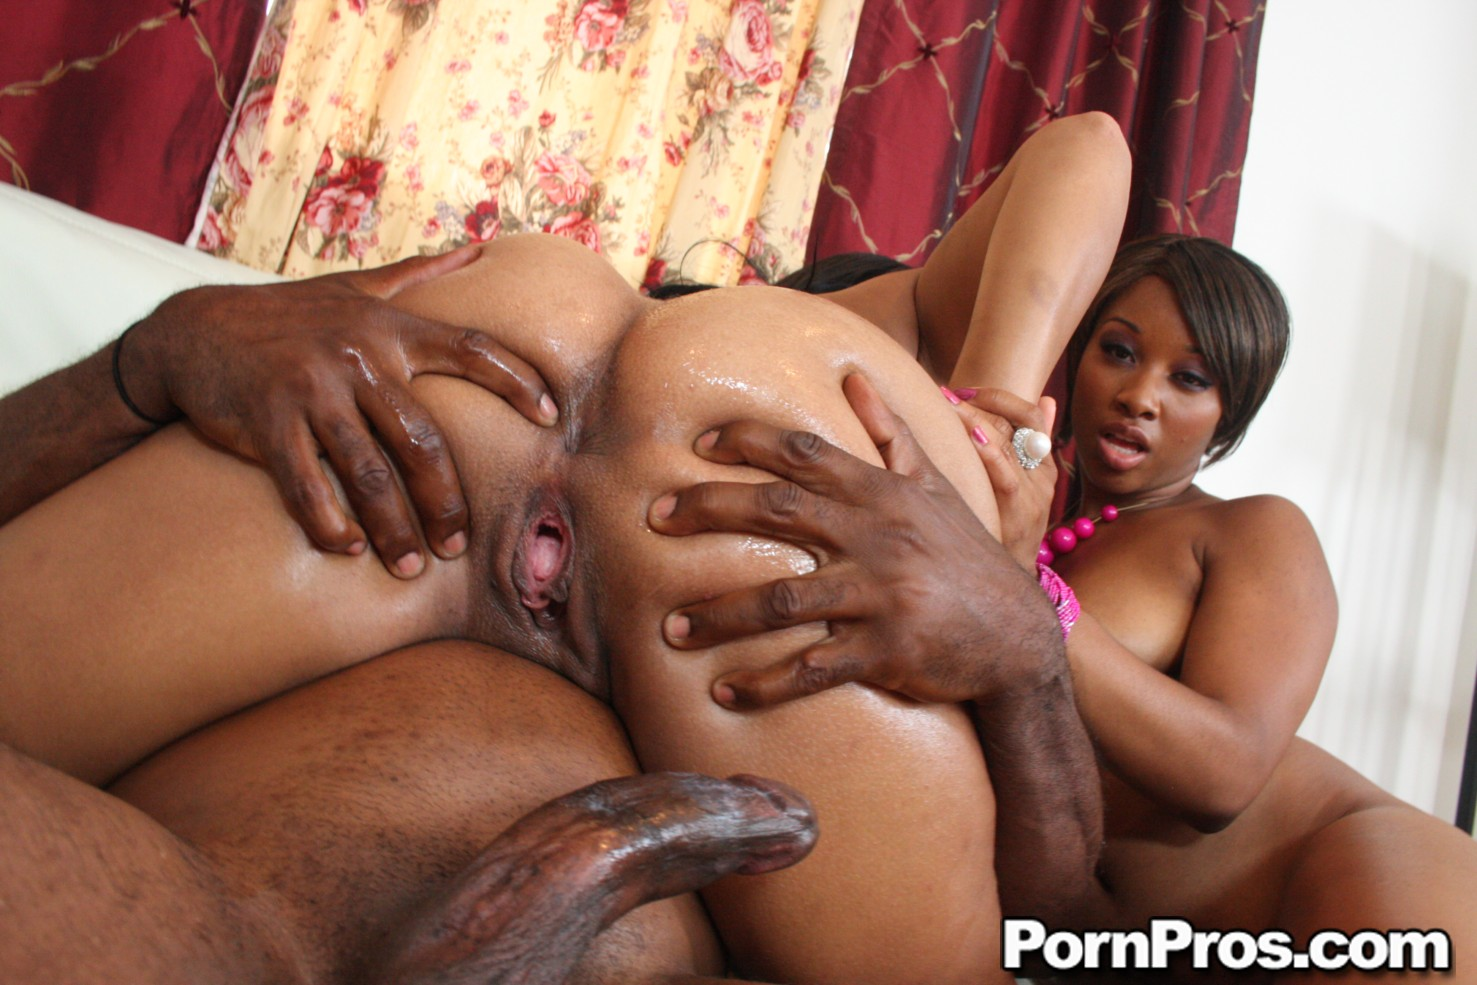 Смотреть порно кончить в анал негритянке 7 фотография